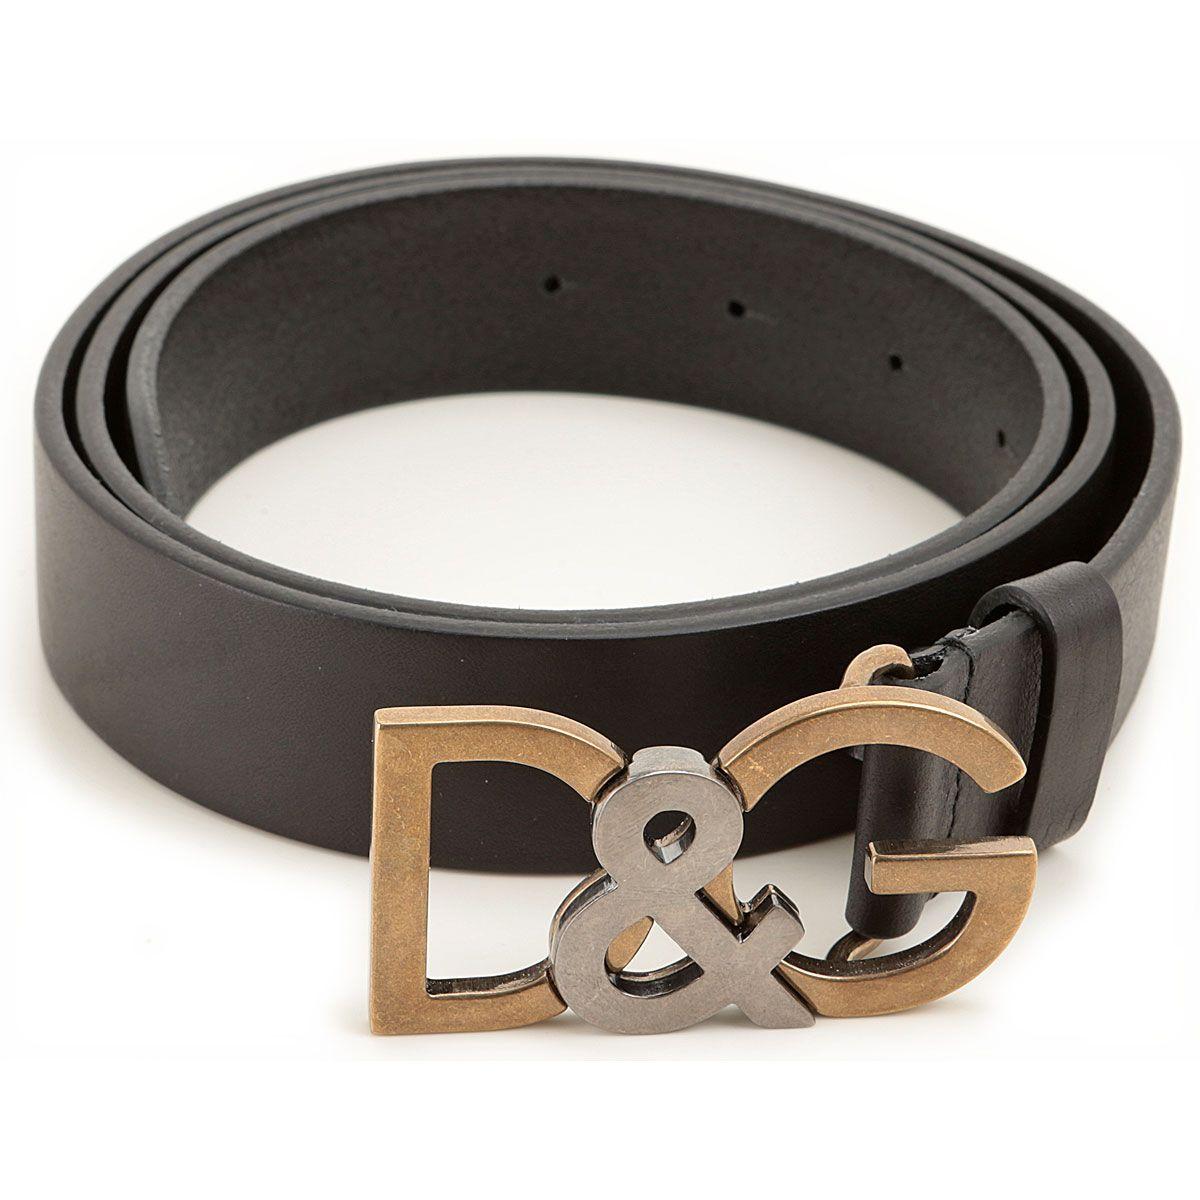 5f0c69aba Cinturones para Hombres Dolce & Gabbana, Detalle Modelo: bc3735-a1561-80999